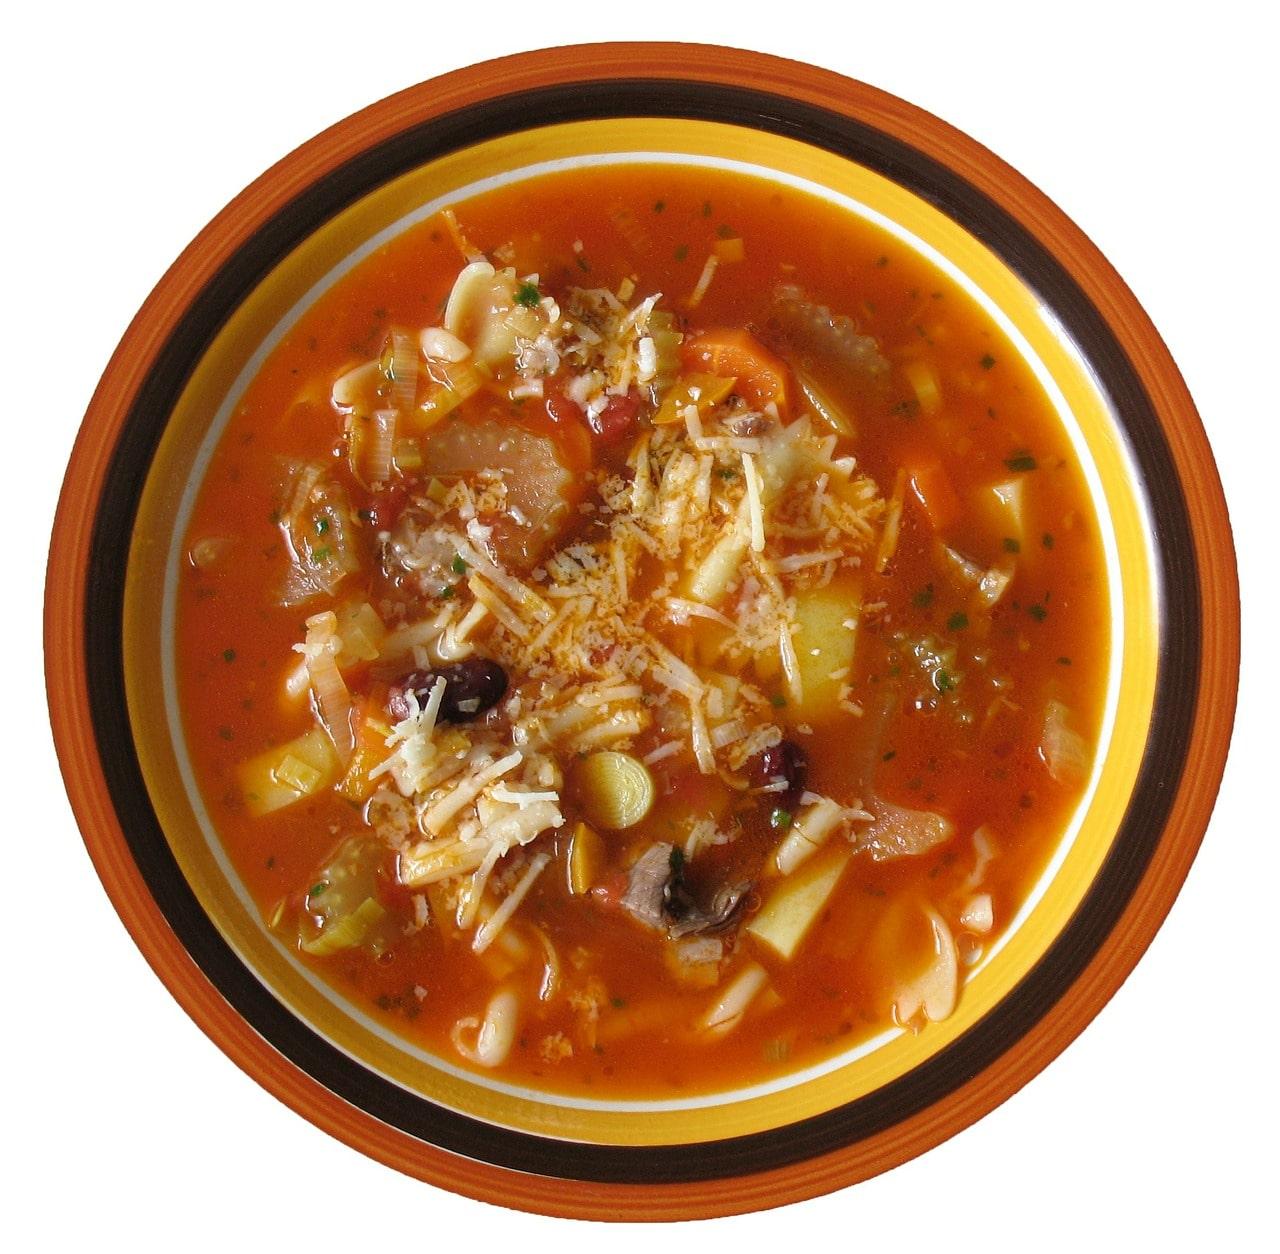 minestrone 1556225884 - Dieta del minestrone